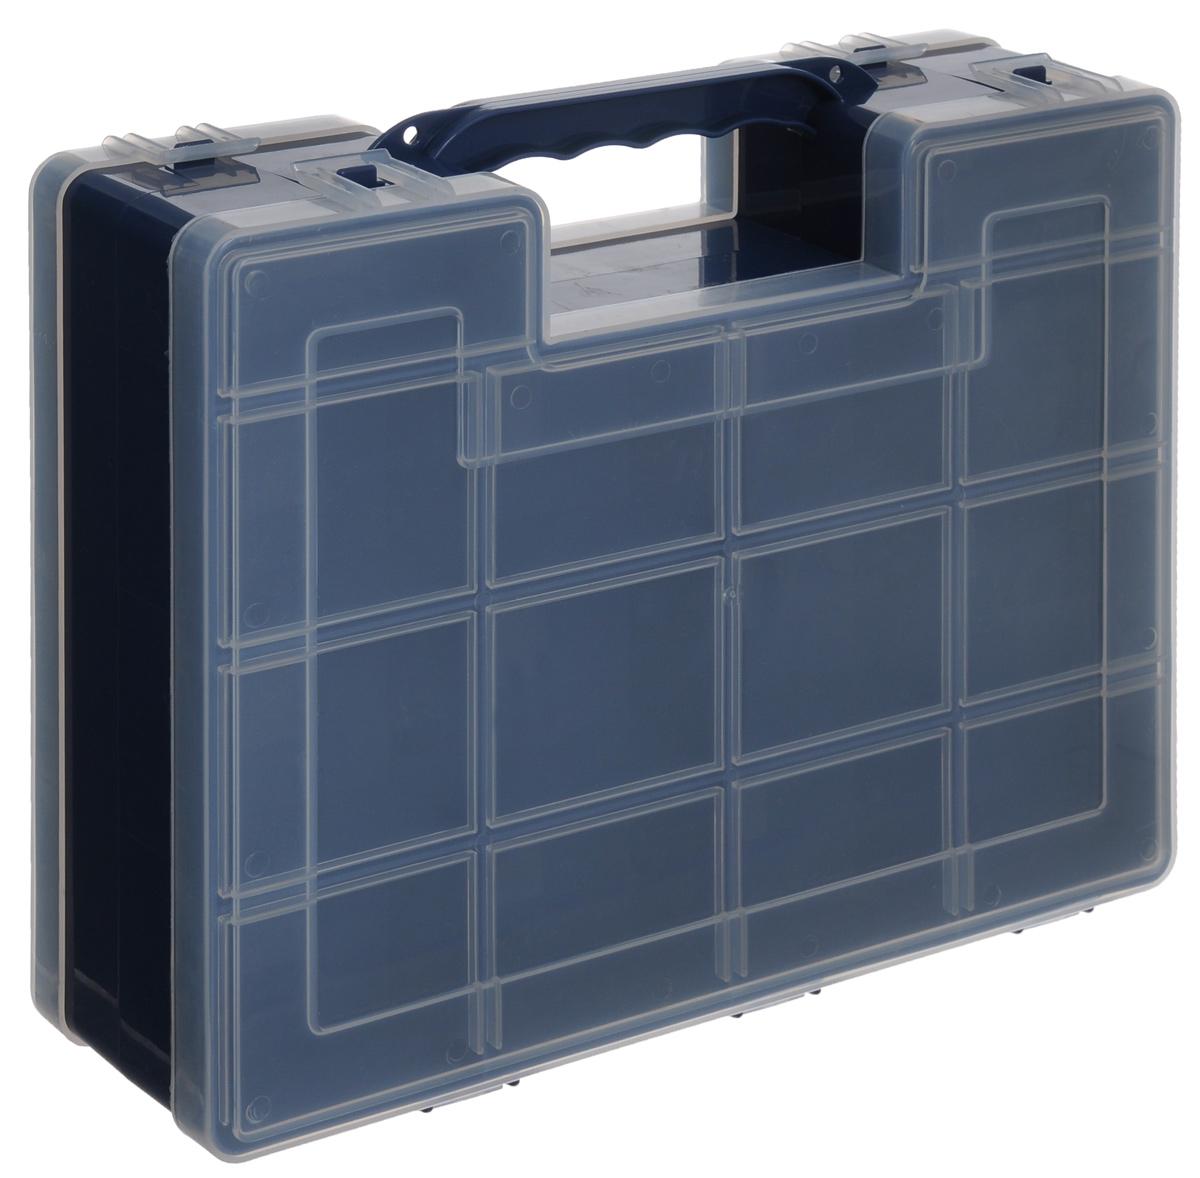 Органайзер для инструментов Idea, двухсторонний, цвет: синий, 27,2 см х 21,7 см х 6,7 смМ 2956_синийДвухсторонний органайзер Idea, изготовленный из пластика, выполнен в форме кейса. Органайзер служит для хранения и переноски инструментов. Внутри - 14 отделений с одной стороны и 9 с другой.Органайзер надежно закрывается при помощи пластмассовых защелок. Крышка выполнена из прозрачного пластика, что позволяет видеть содержимое.Размеры секций (лицевая сторона):- размер (12 секций): 6,6 см х 5,3 см х 3 см;- размер (2 секций): 8,1 см х 3,3 см х 3 см.Размеры секций (задняя сторона): - размер (2 секций): 13,2 см х 5,3 см х 3 см;- размер (1 секции): 26,6 см х 5,3 см х 3 см;- размер (4 секций): 6,6 см х 5,3 см х 3 см;- размер (2 секций): 8,1 см х 3,3 см х 3 см.